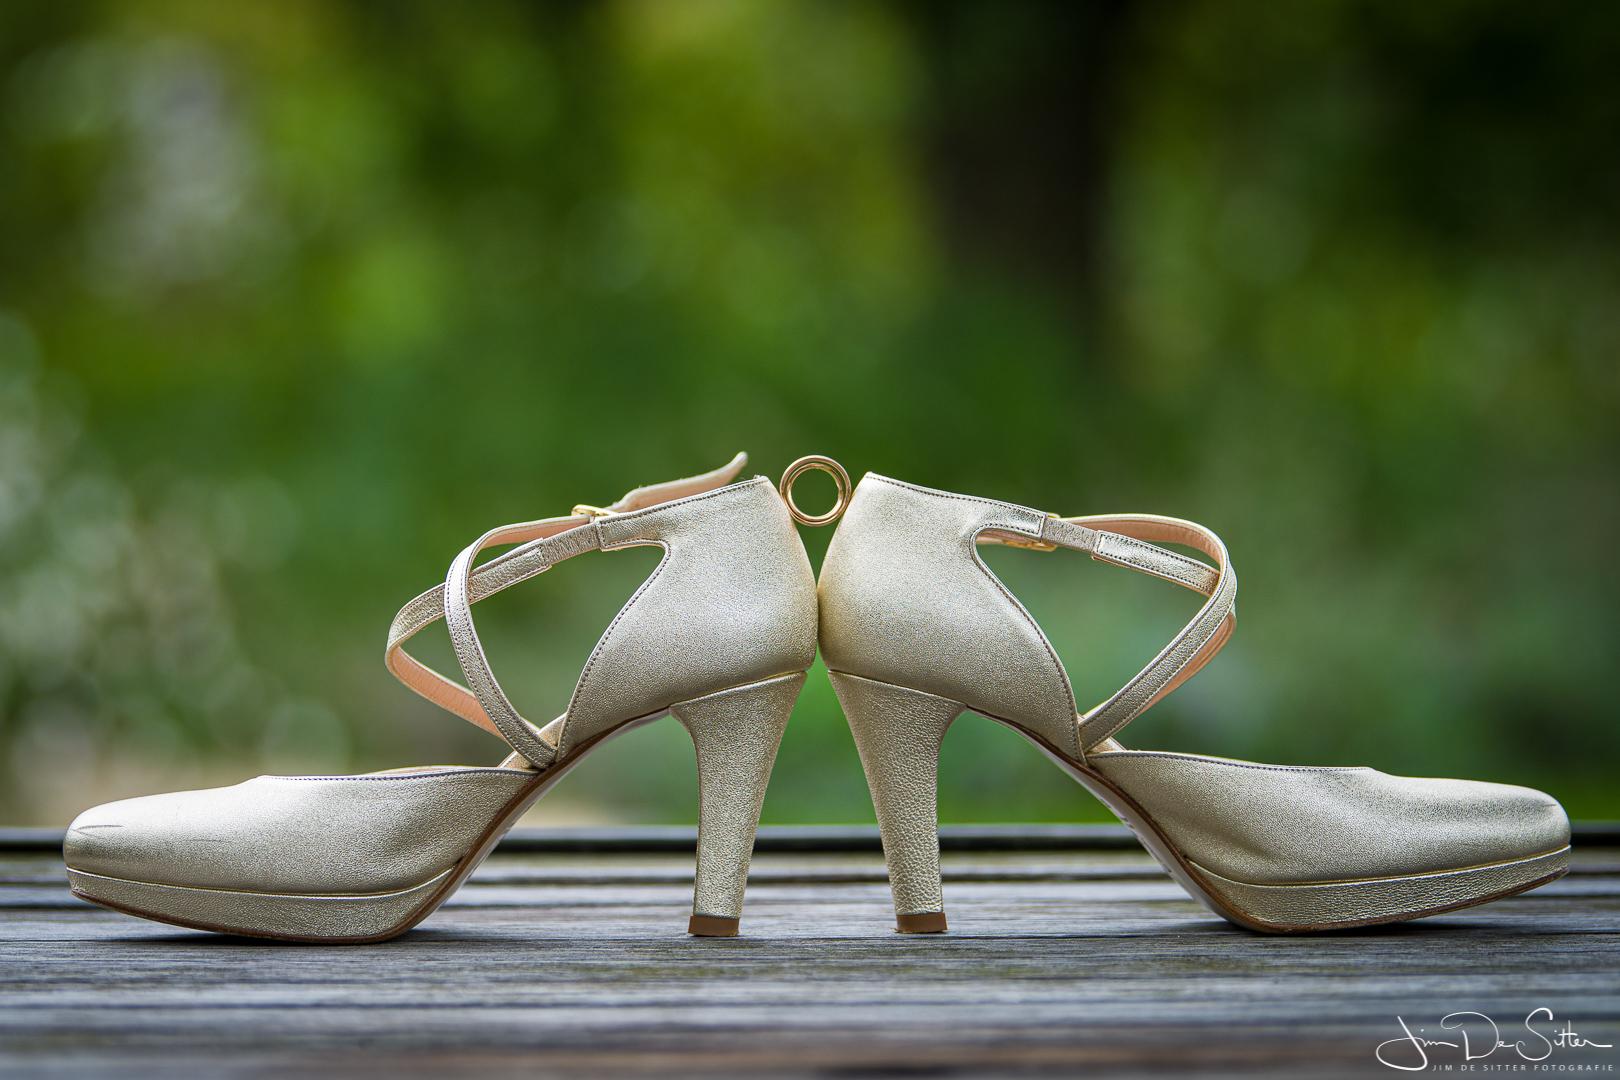 Huwelijksfotograaf Jim De Sitter: ringen en schoenen